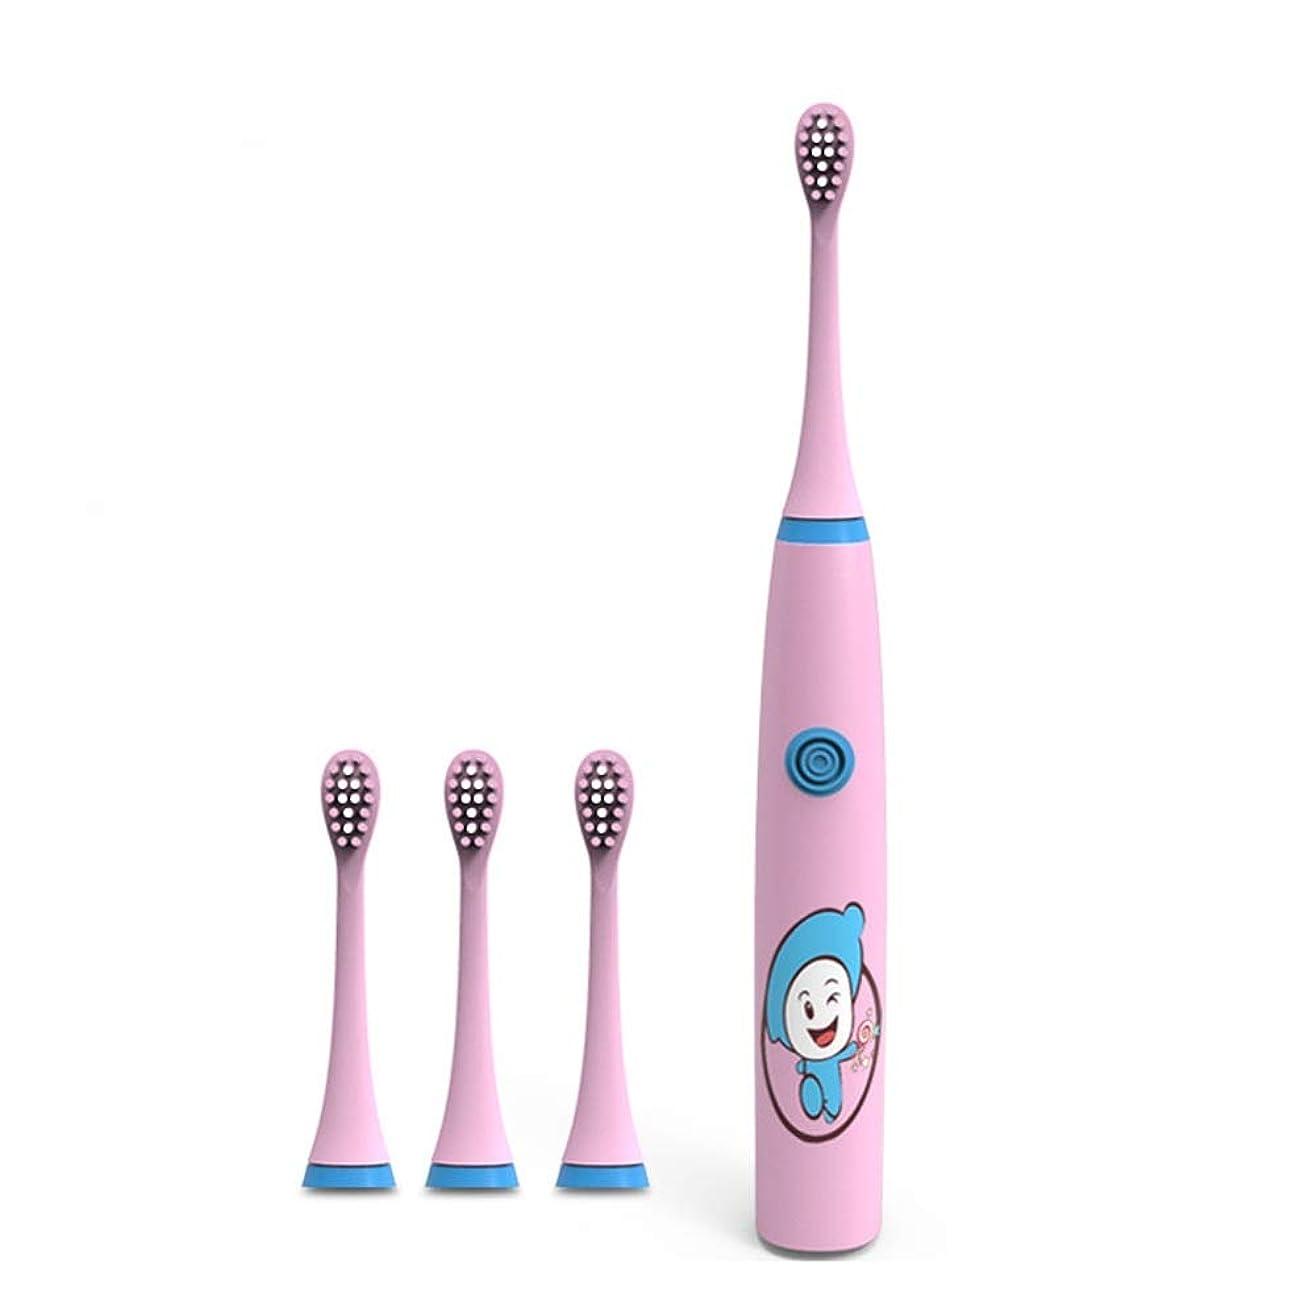 ランドマークリス指令自動歯ブラシ 子供の防水USB充電ベースの柔らかい髪のきれいなかわいい電動歯ブラシで (色 : ピンク, サイズ : Free size)